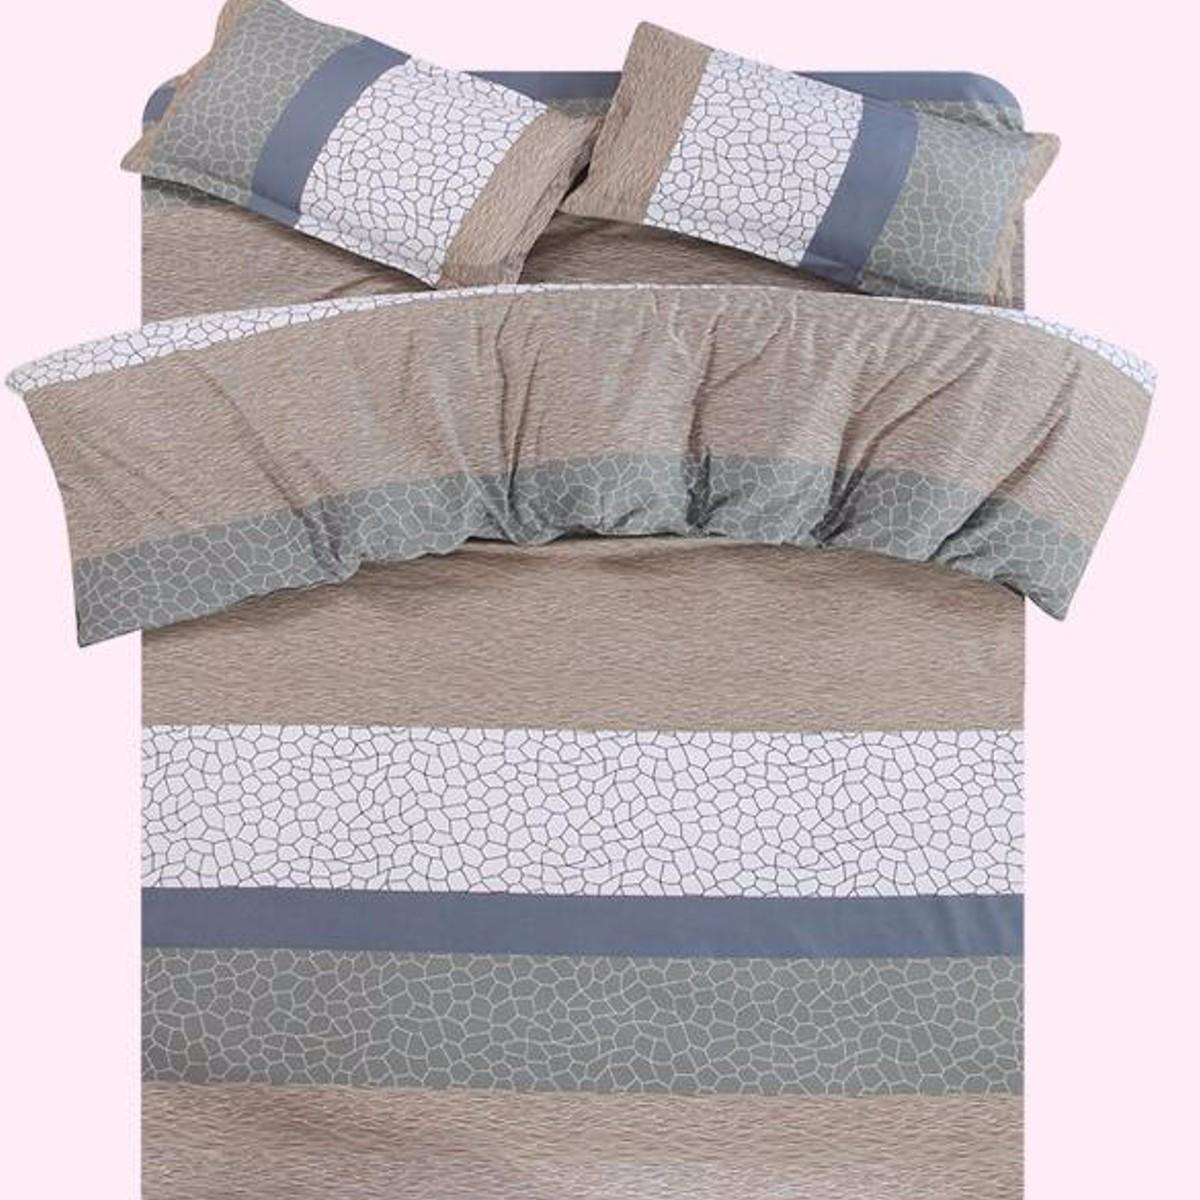 15m18m 4 pcs Cotton Bedding Set Pillowcase Quilt Duvet